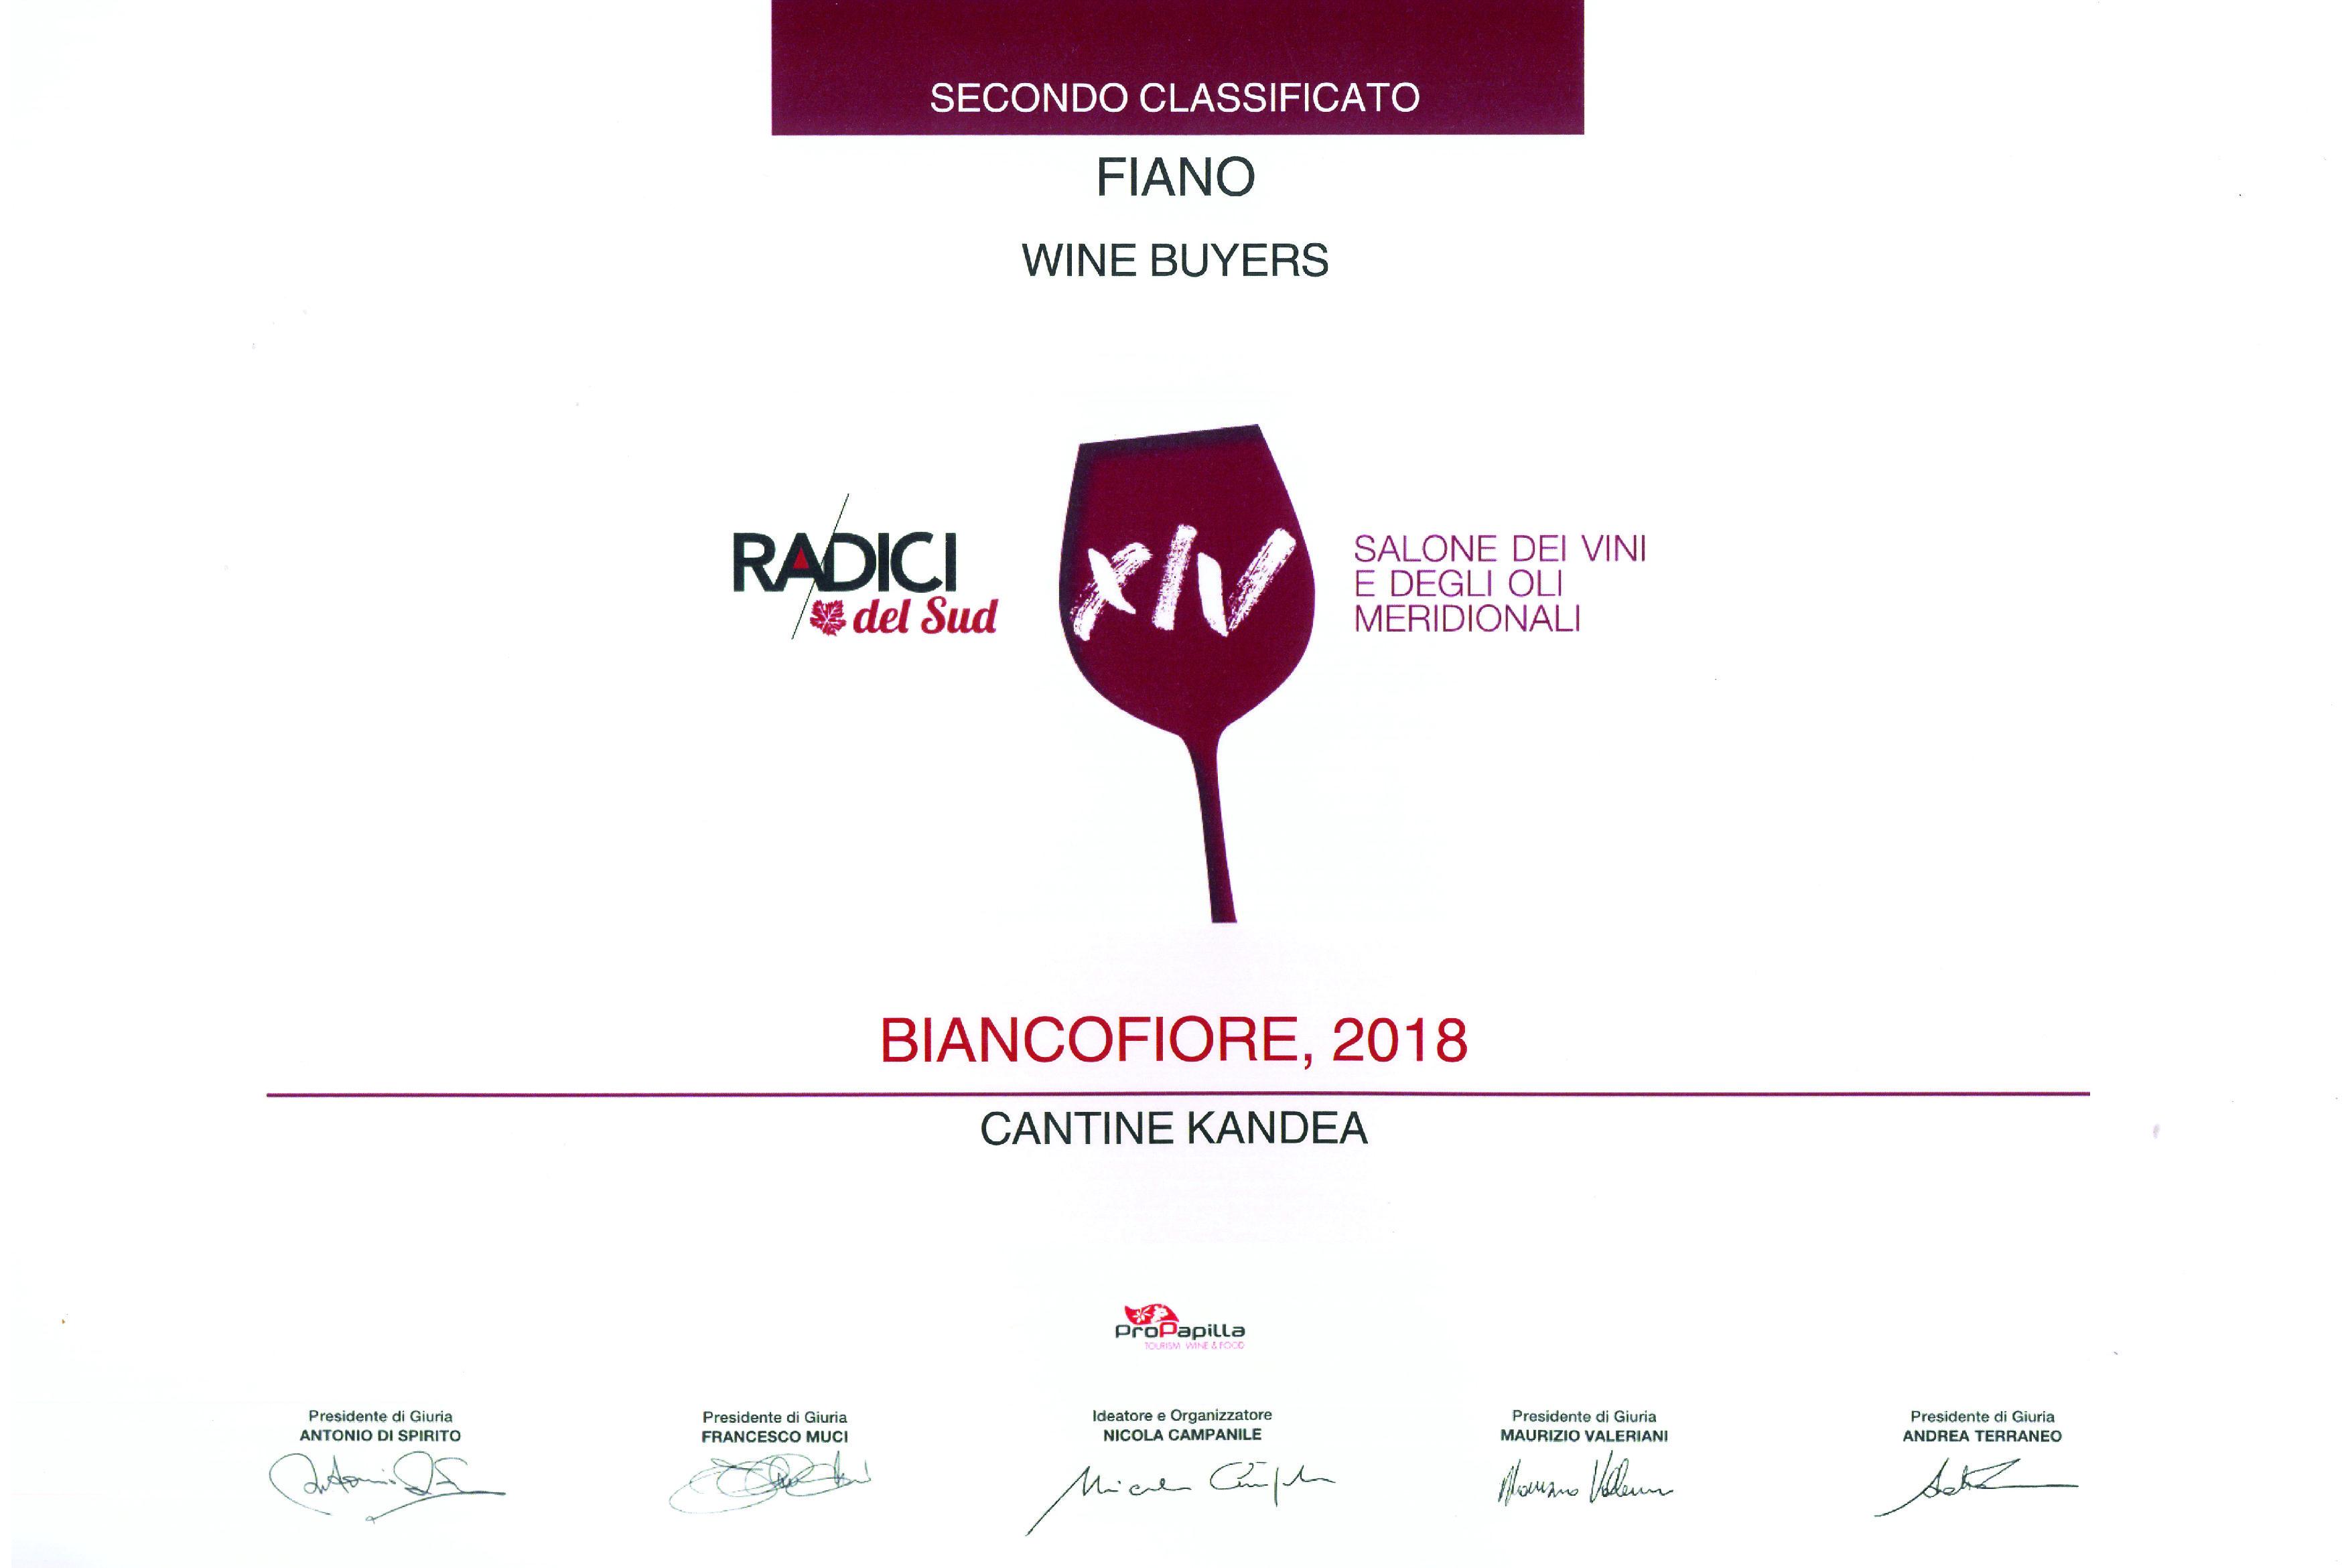 BIANCOFIORE 2018 - 2° vino premiato RADICI 2019